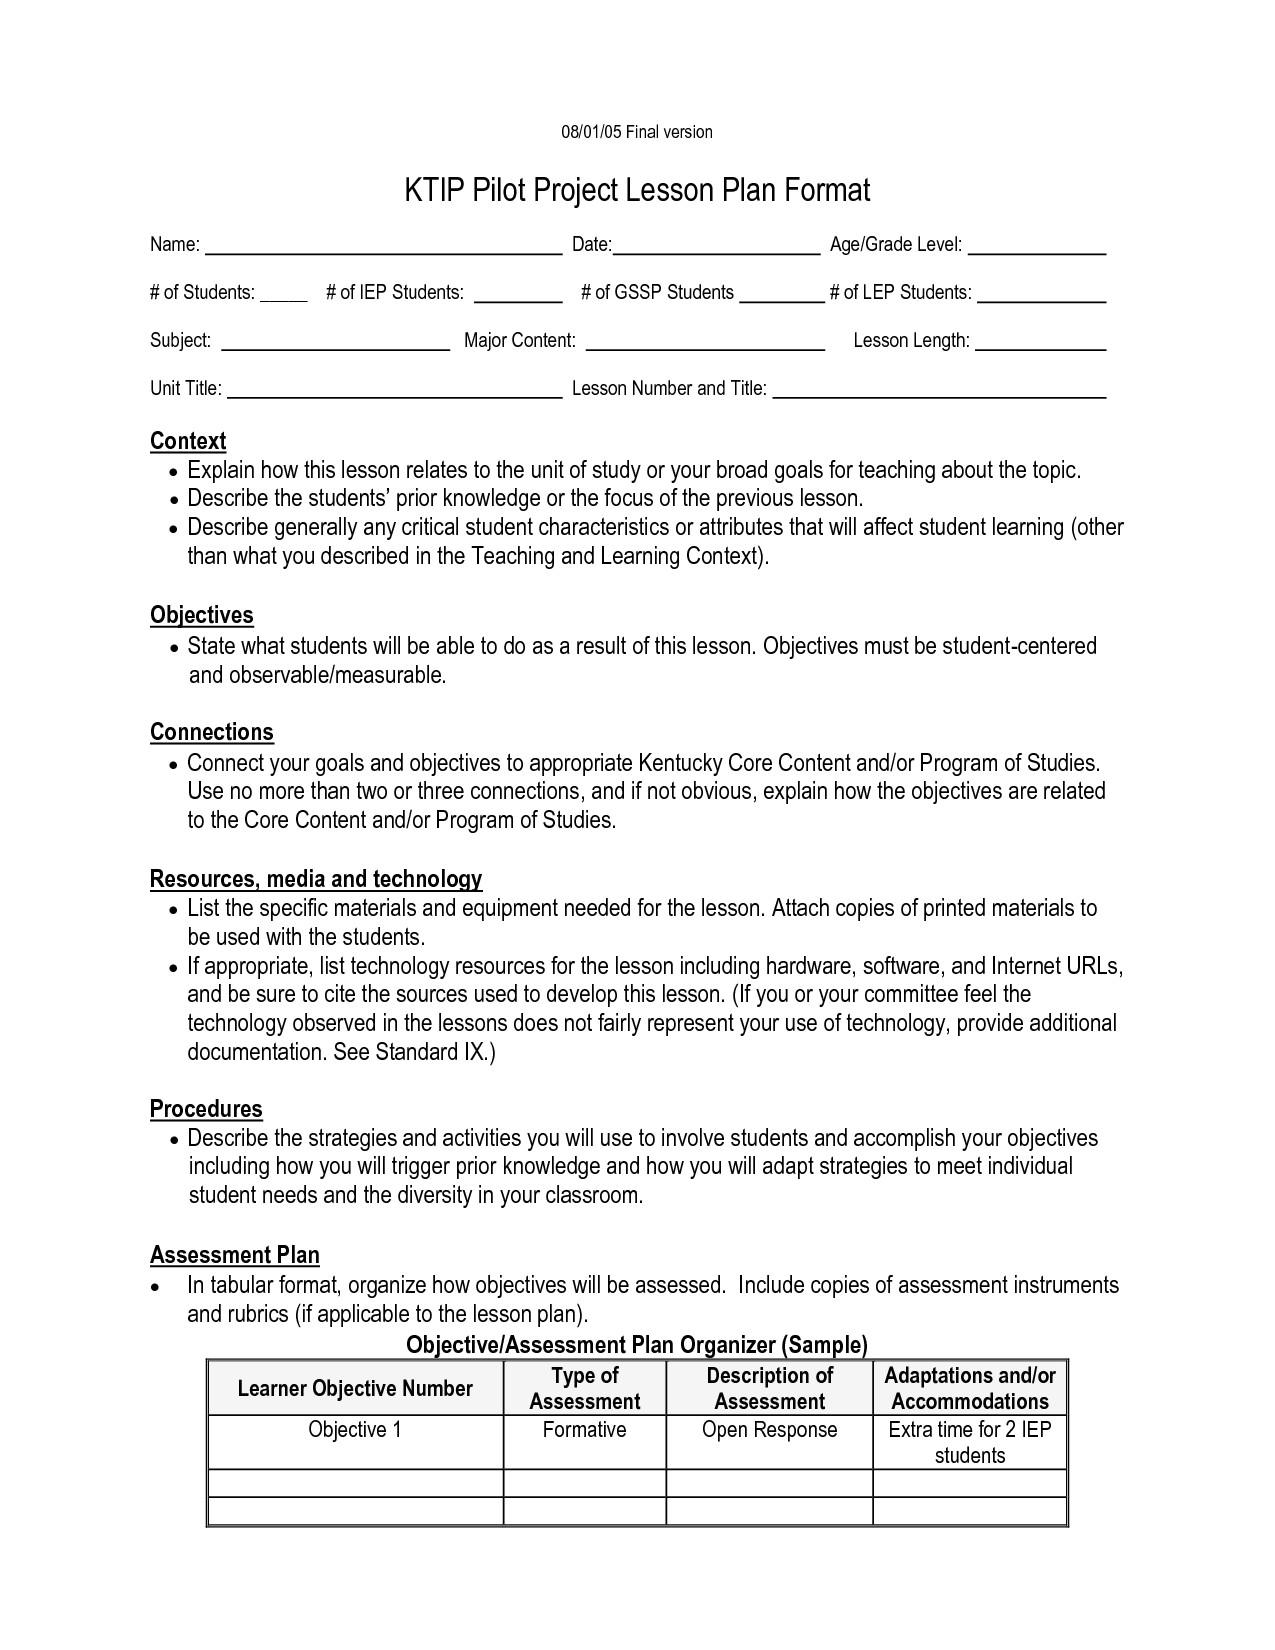 post kipp lesson plan template 840469